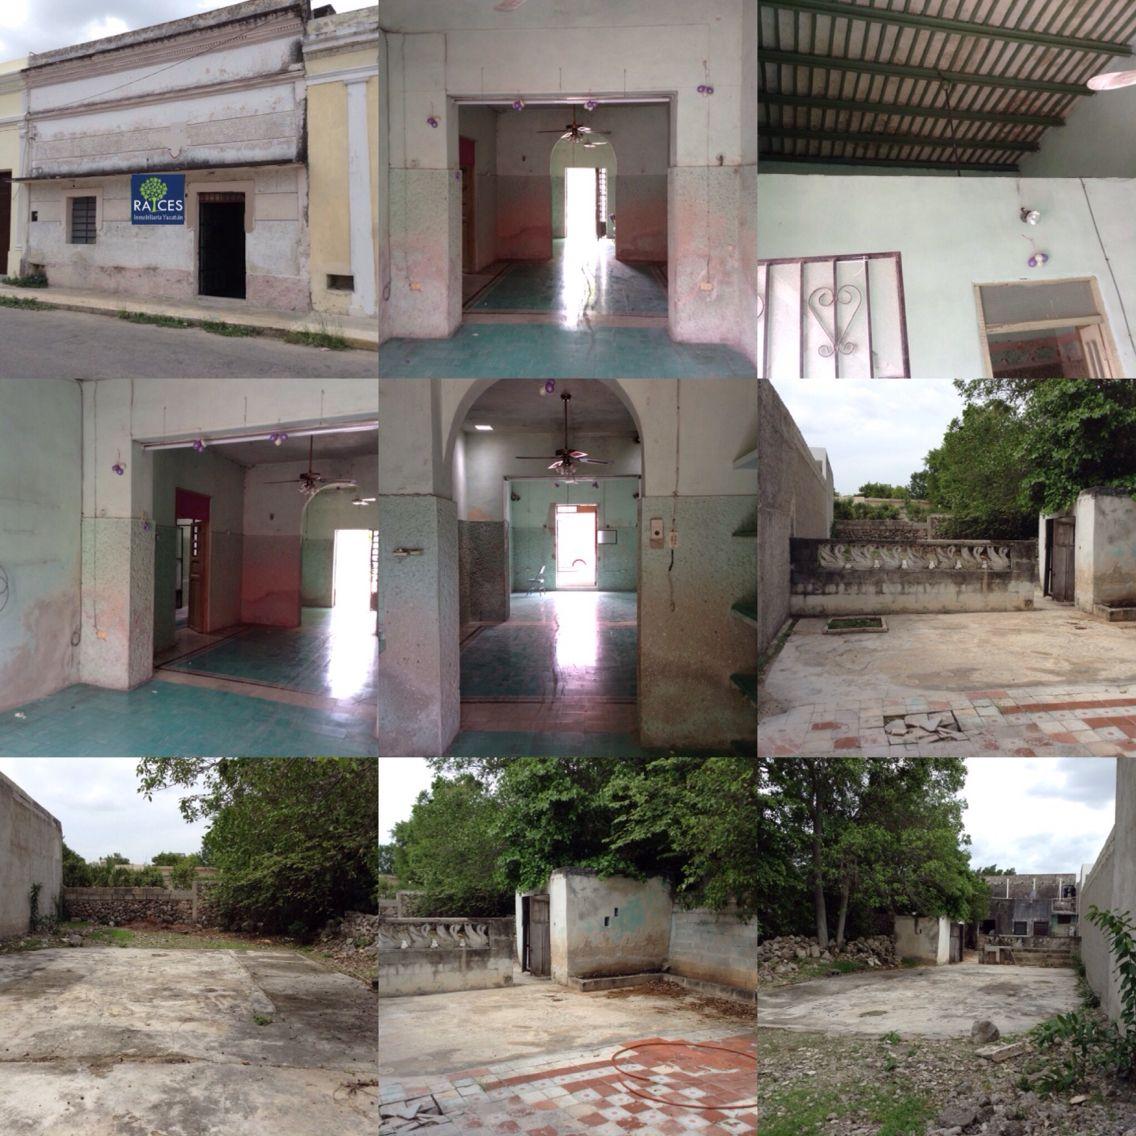 Casa Colonial Para Restaurar En Venta En El Centro De Merida Yucatan Mexico La Propiedad Cuenta Con Una Superficie Casa Colonial Casa Ideal Casas Coloniales